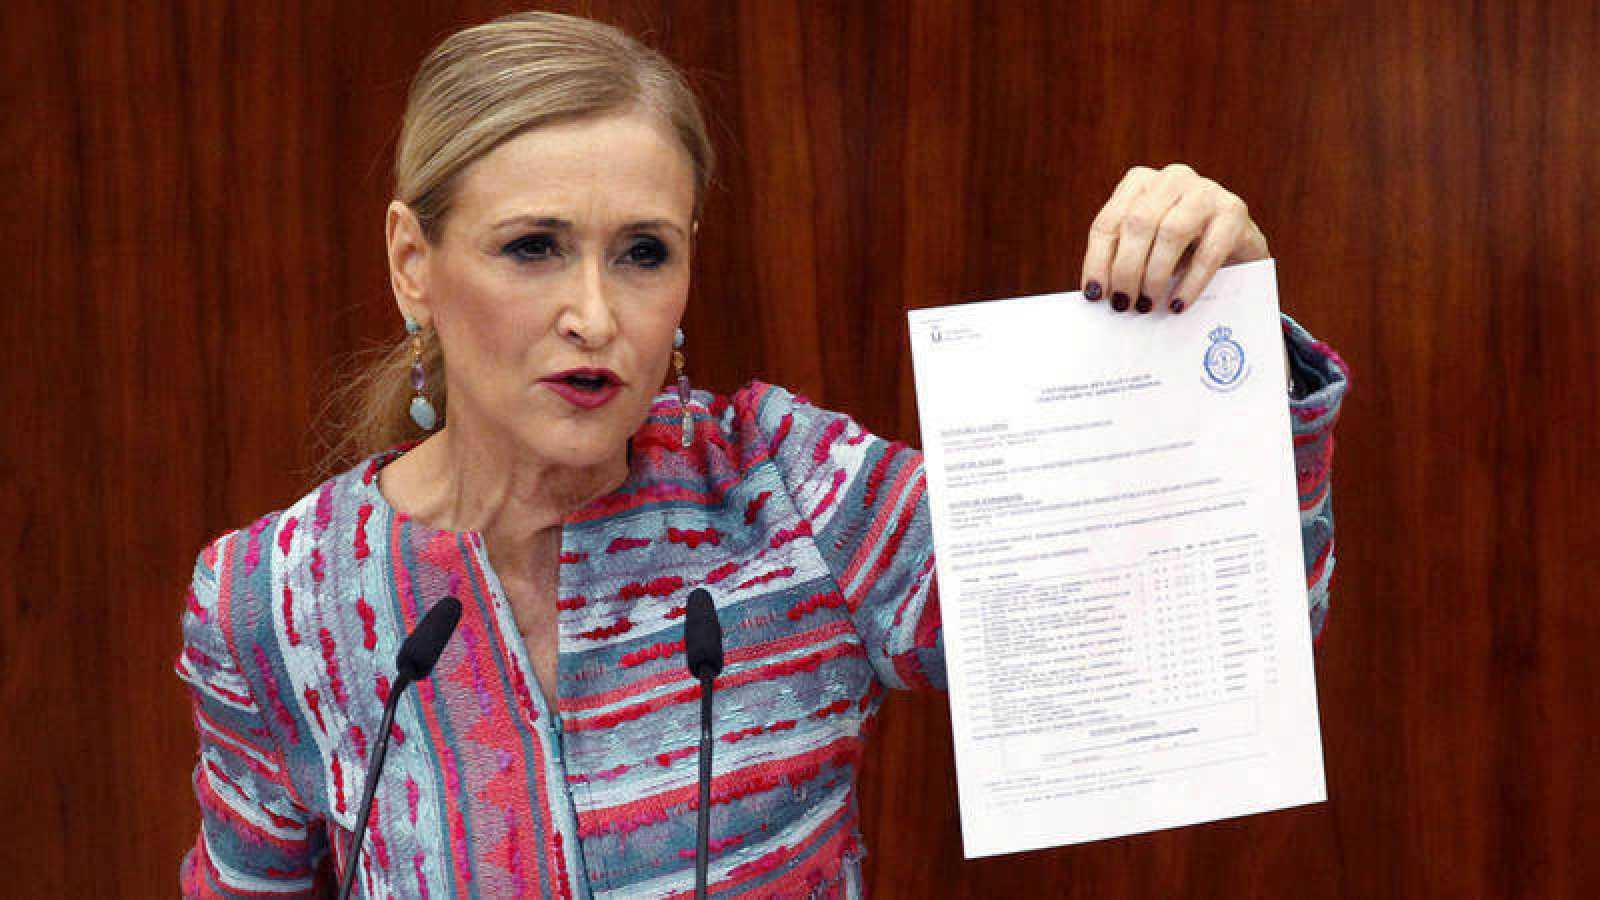 La expresidenta madrileña, Cristina Cifuentes, durante su comparecencia del pasado 4 de abril para dar explicaciones sobre las supuestas irregularidades de su máster.